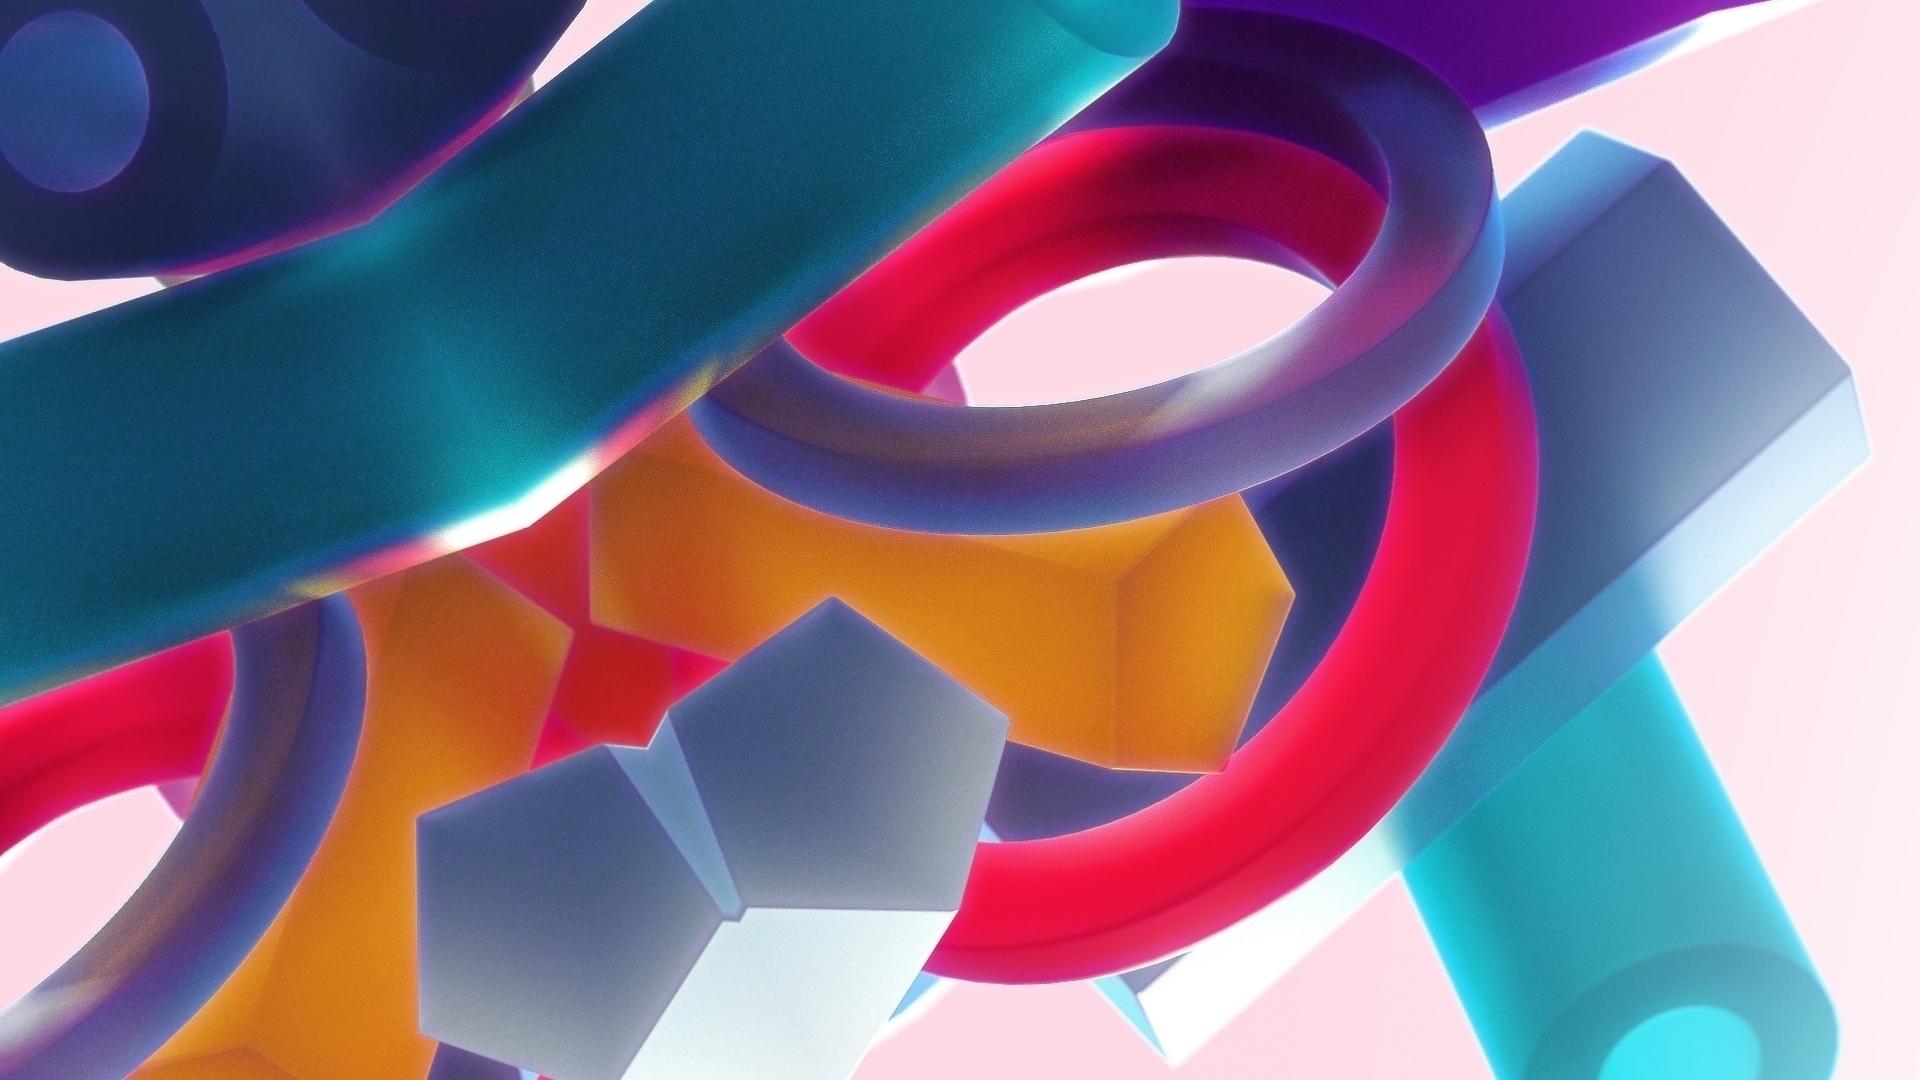 MEECHAIN CHONG - 3D artist / Mo - pictoglaze | ello